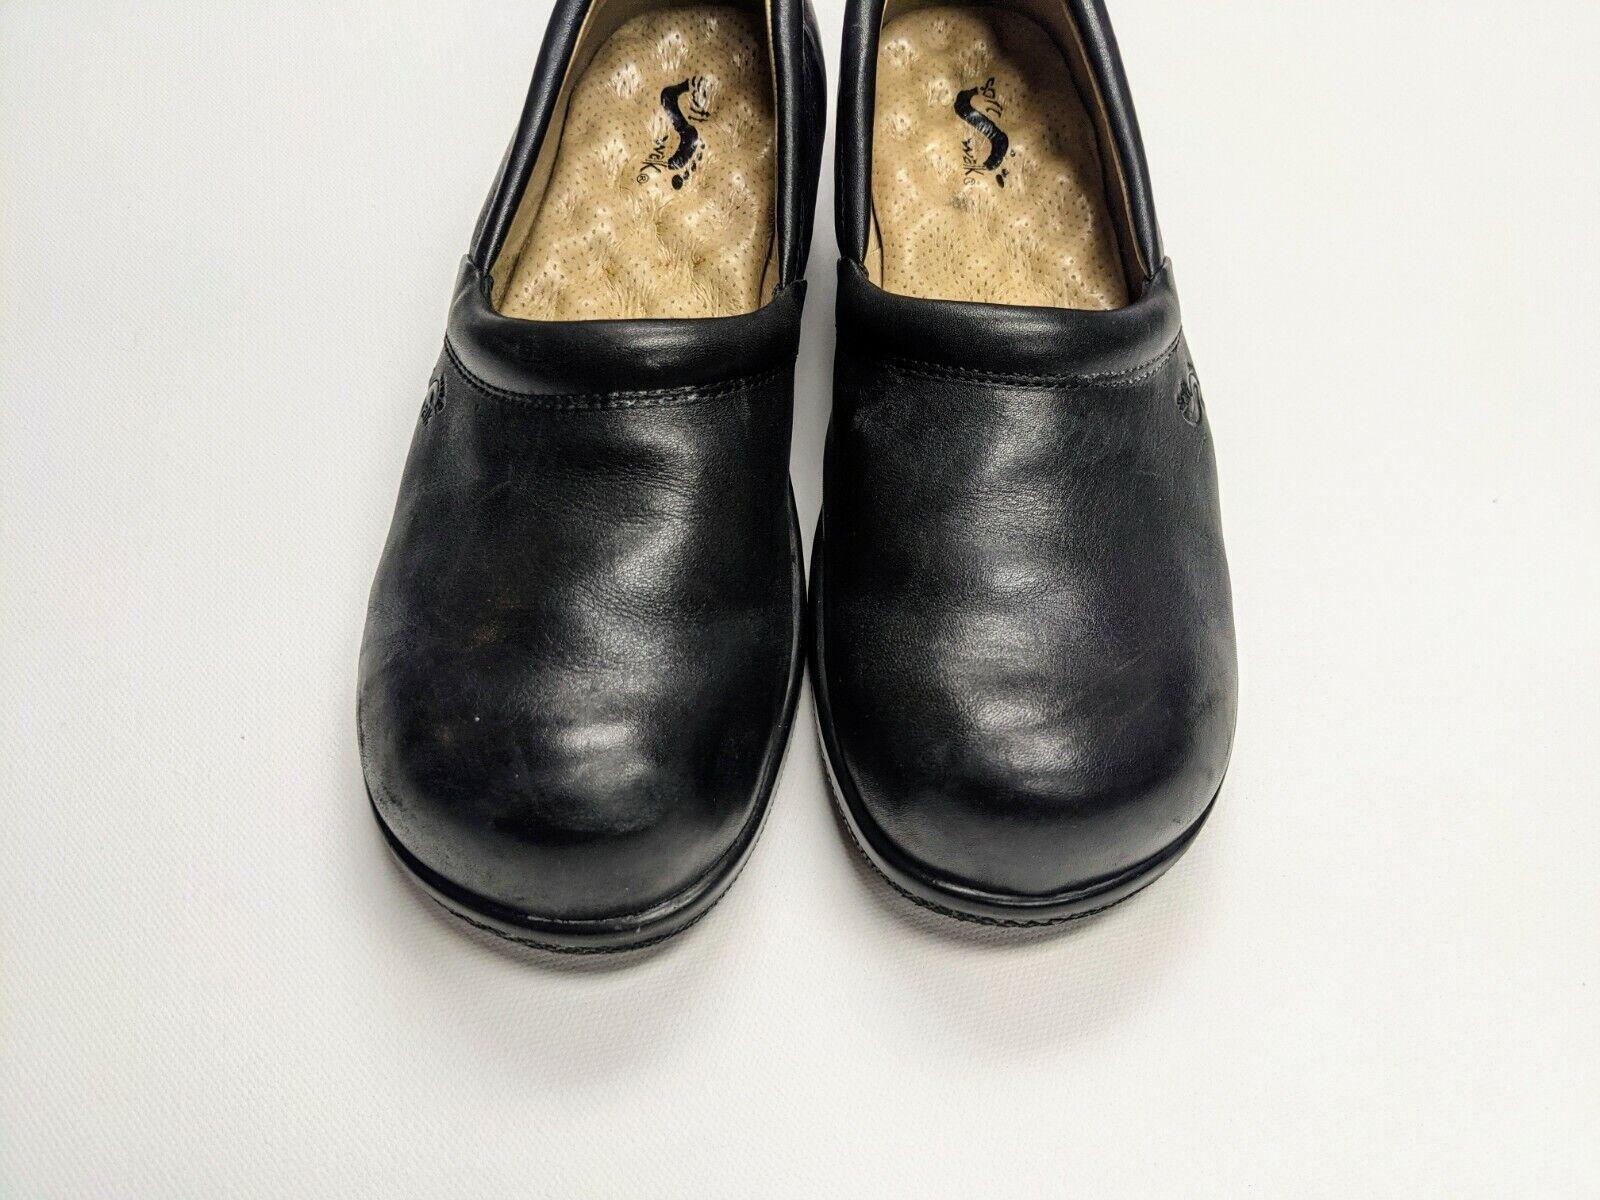 Softwalk Adora Leather Clog Shoes Slip On Shoes Black 9N